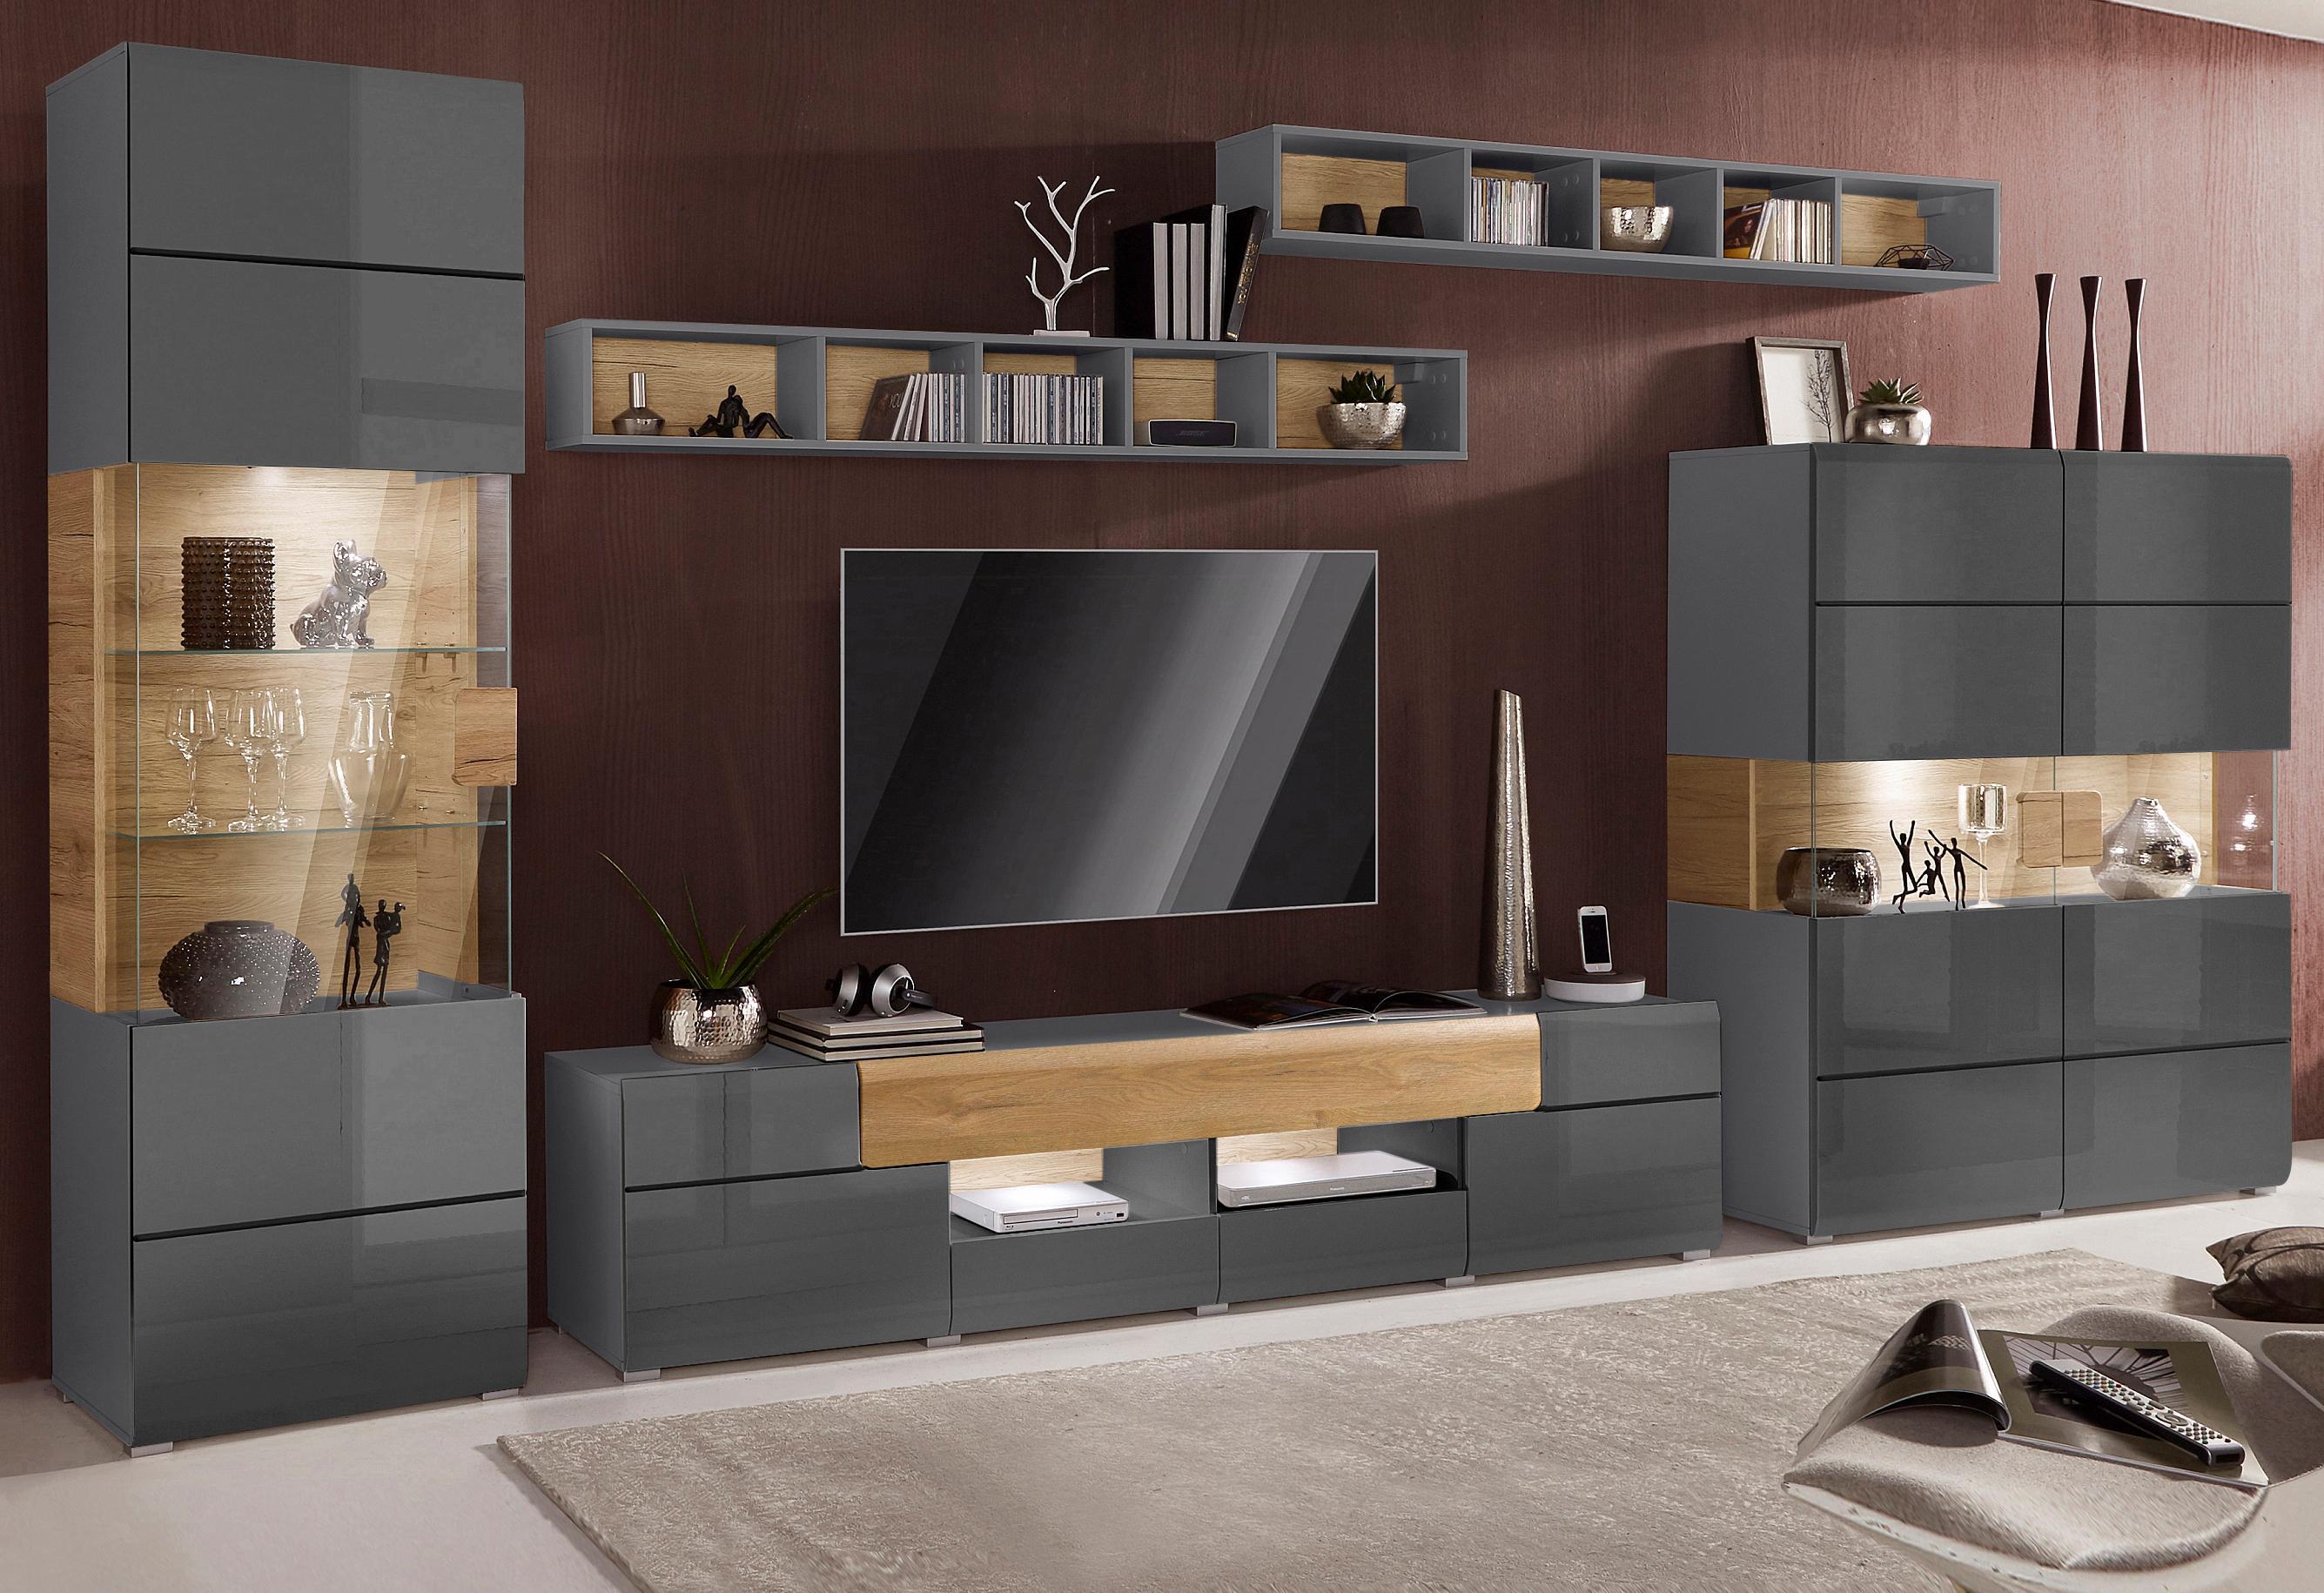 Wohnwand Serie Toledo 5 Teilig Bestellen Baur